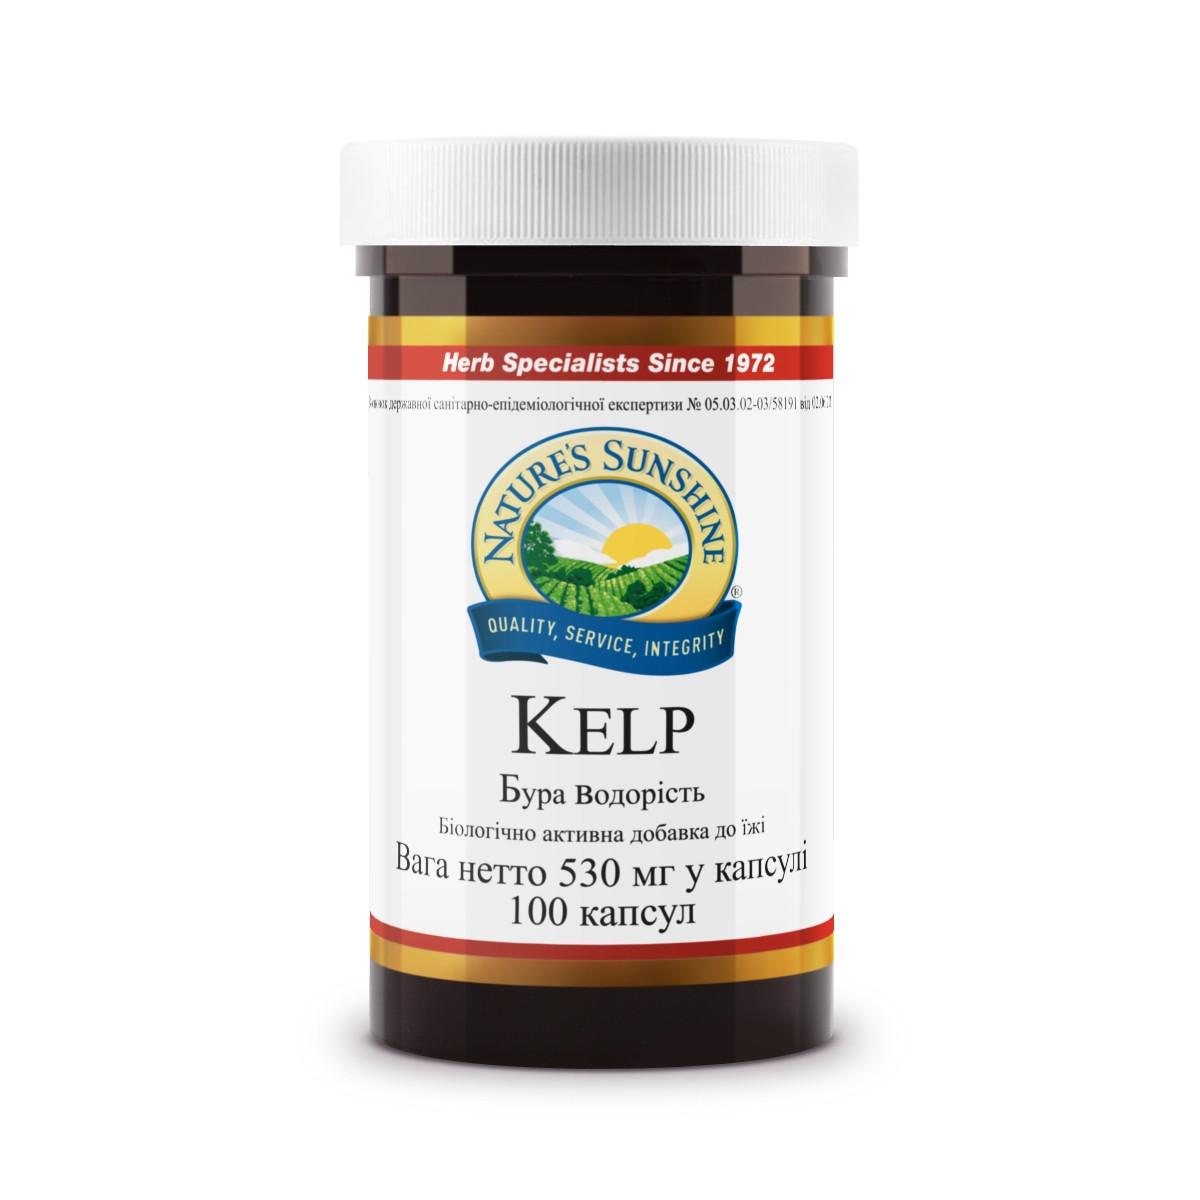 Kelp Бура водорість, Келп, НСП, NSP, США. Джерело органічного йоду